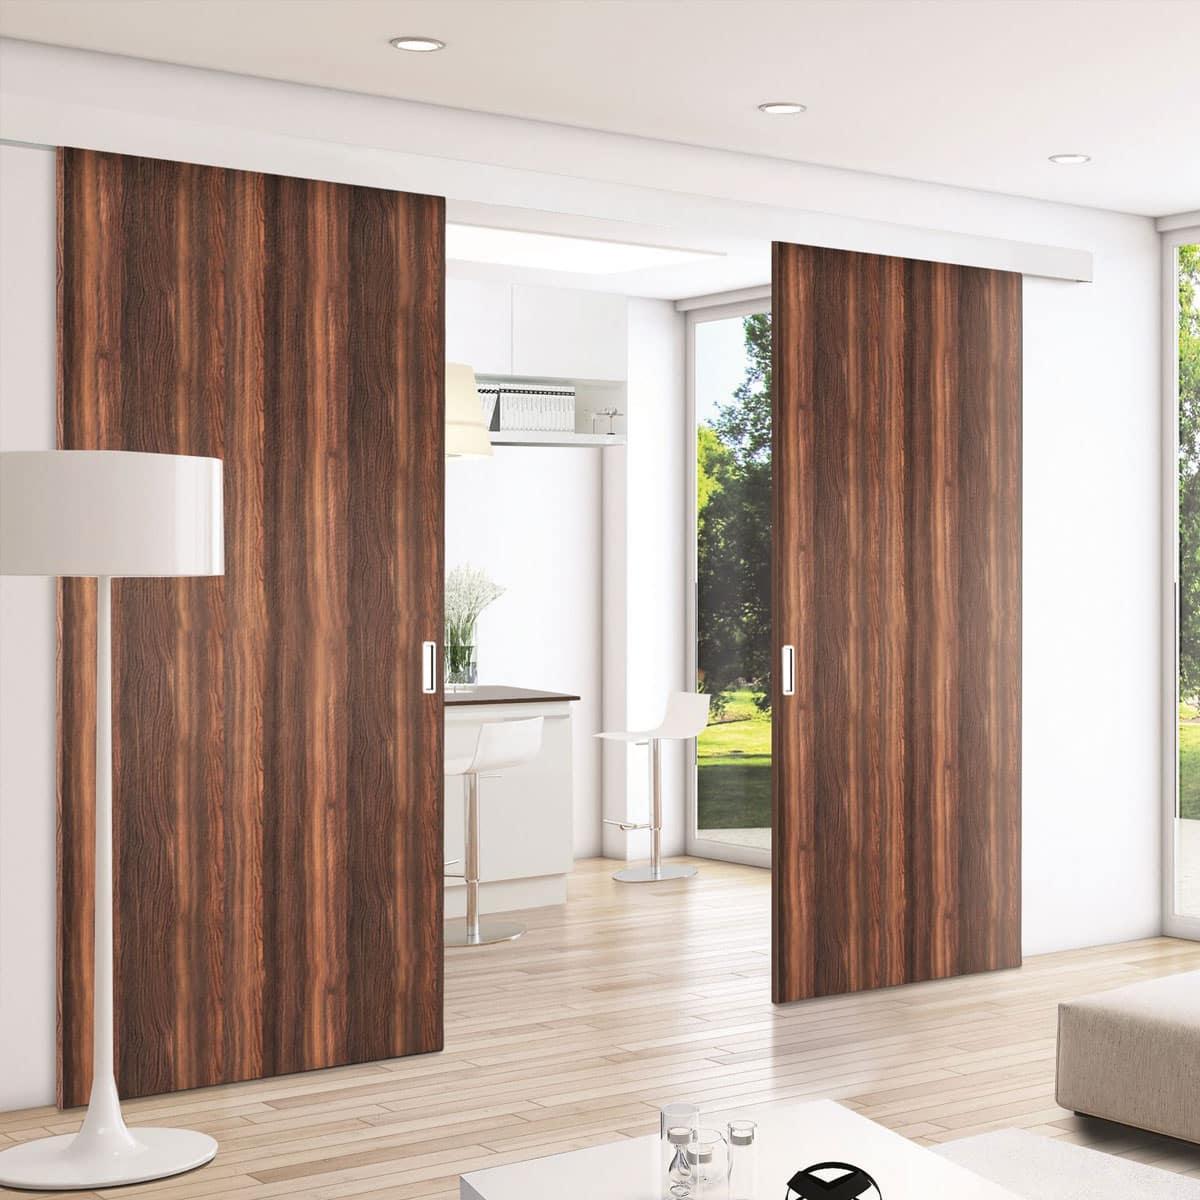 Panneau Pour Separer Piece séparation de pièces | optimal cuisines & intérieurs | annecy